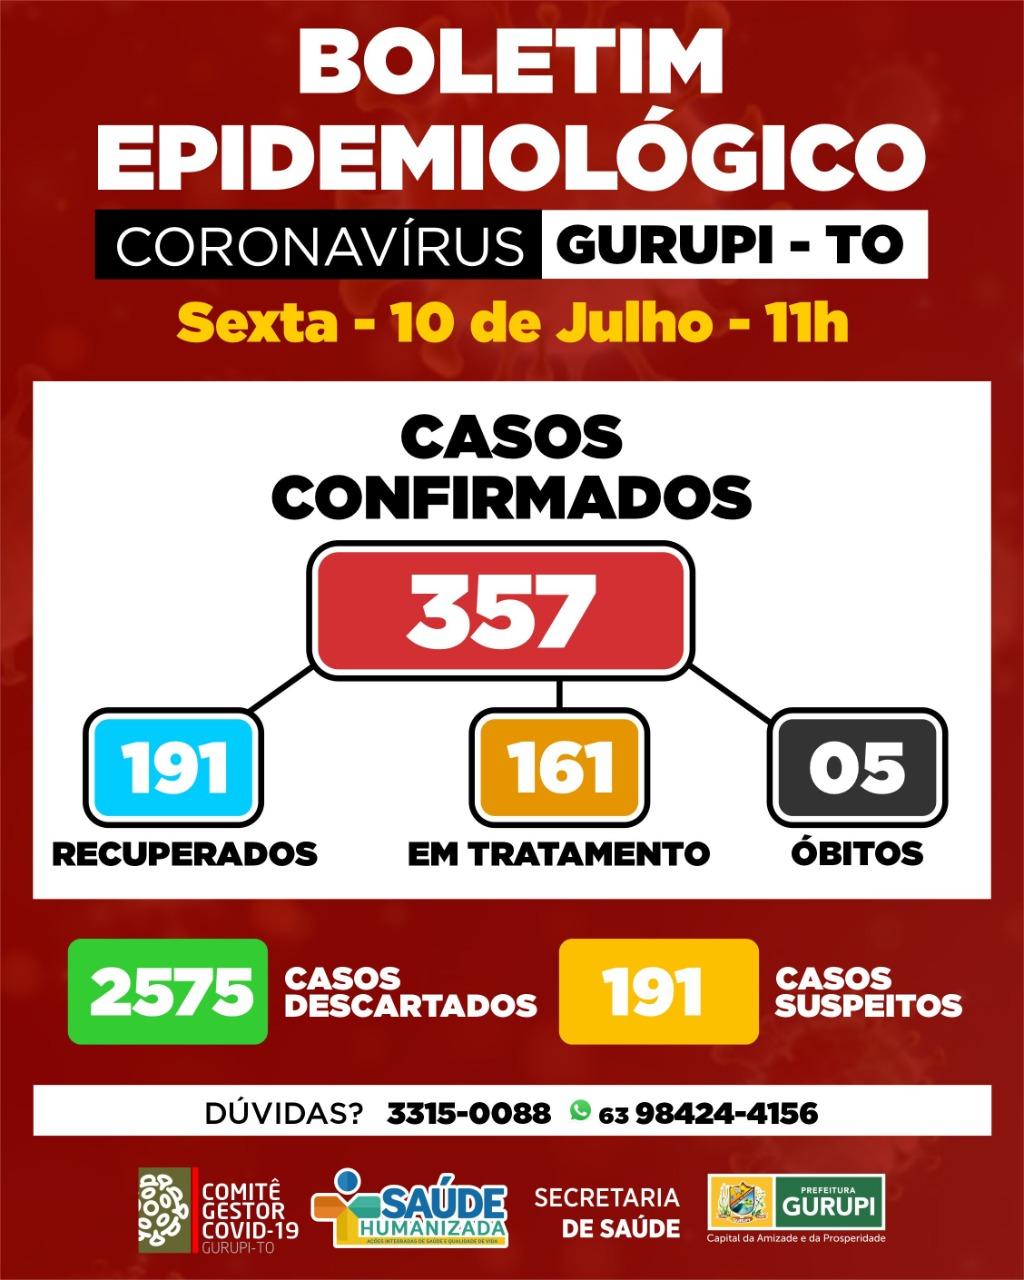 Gurupi confirma 21 novos pacientes infectados por Covid-19, confira boletim epidemiológico